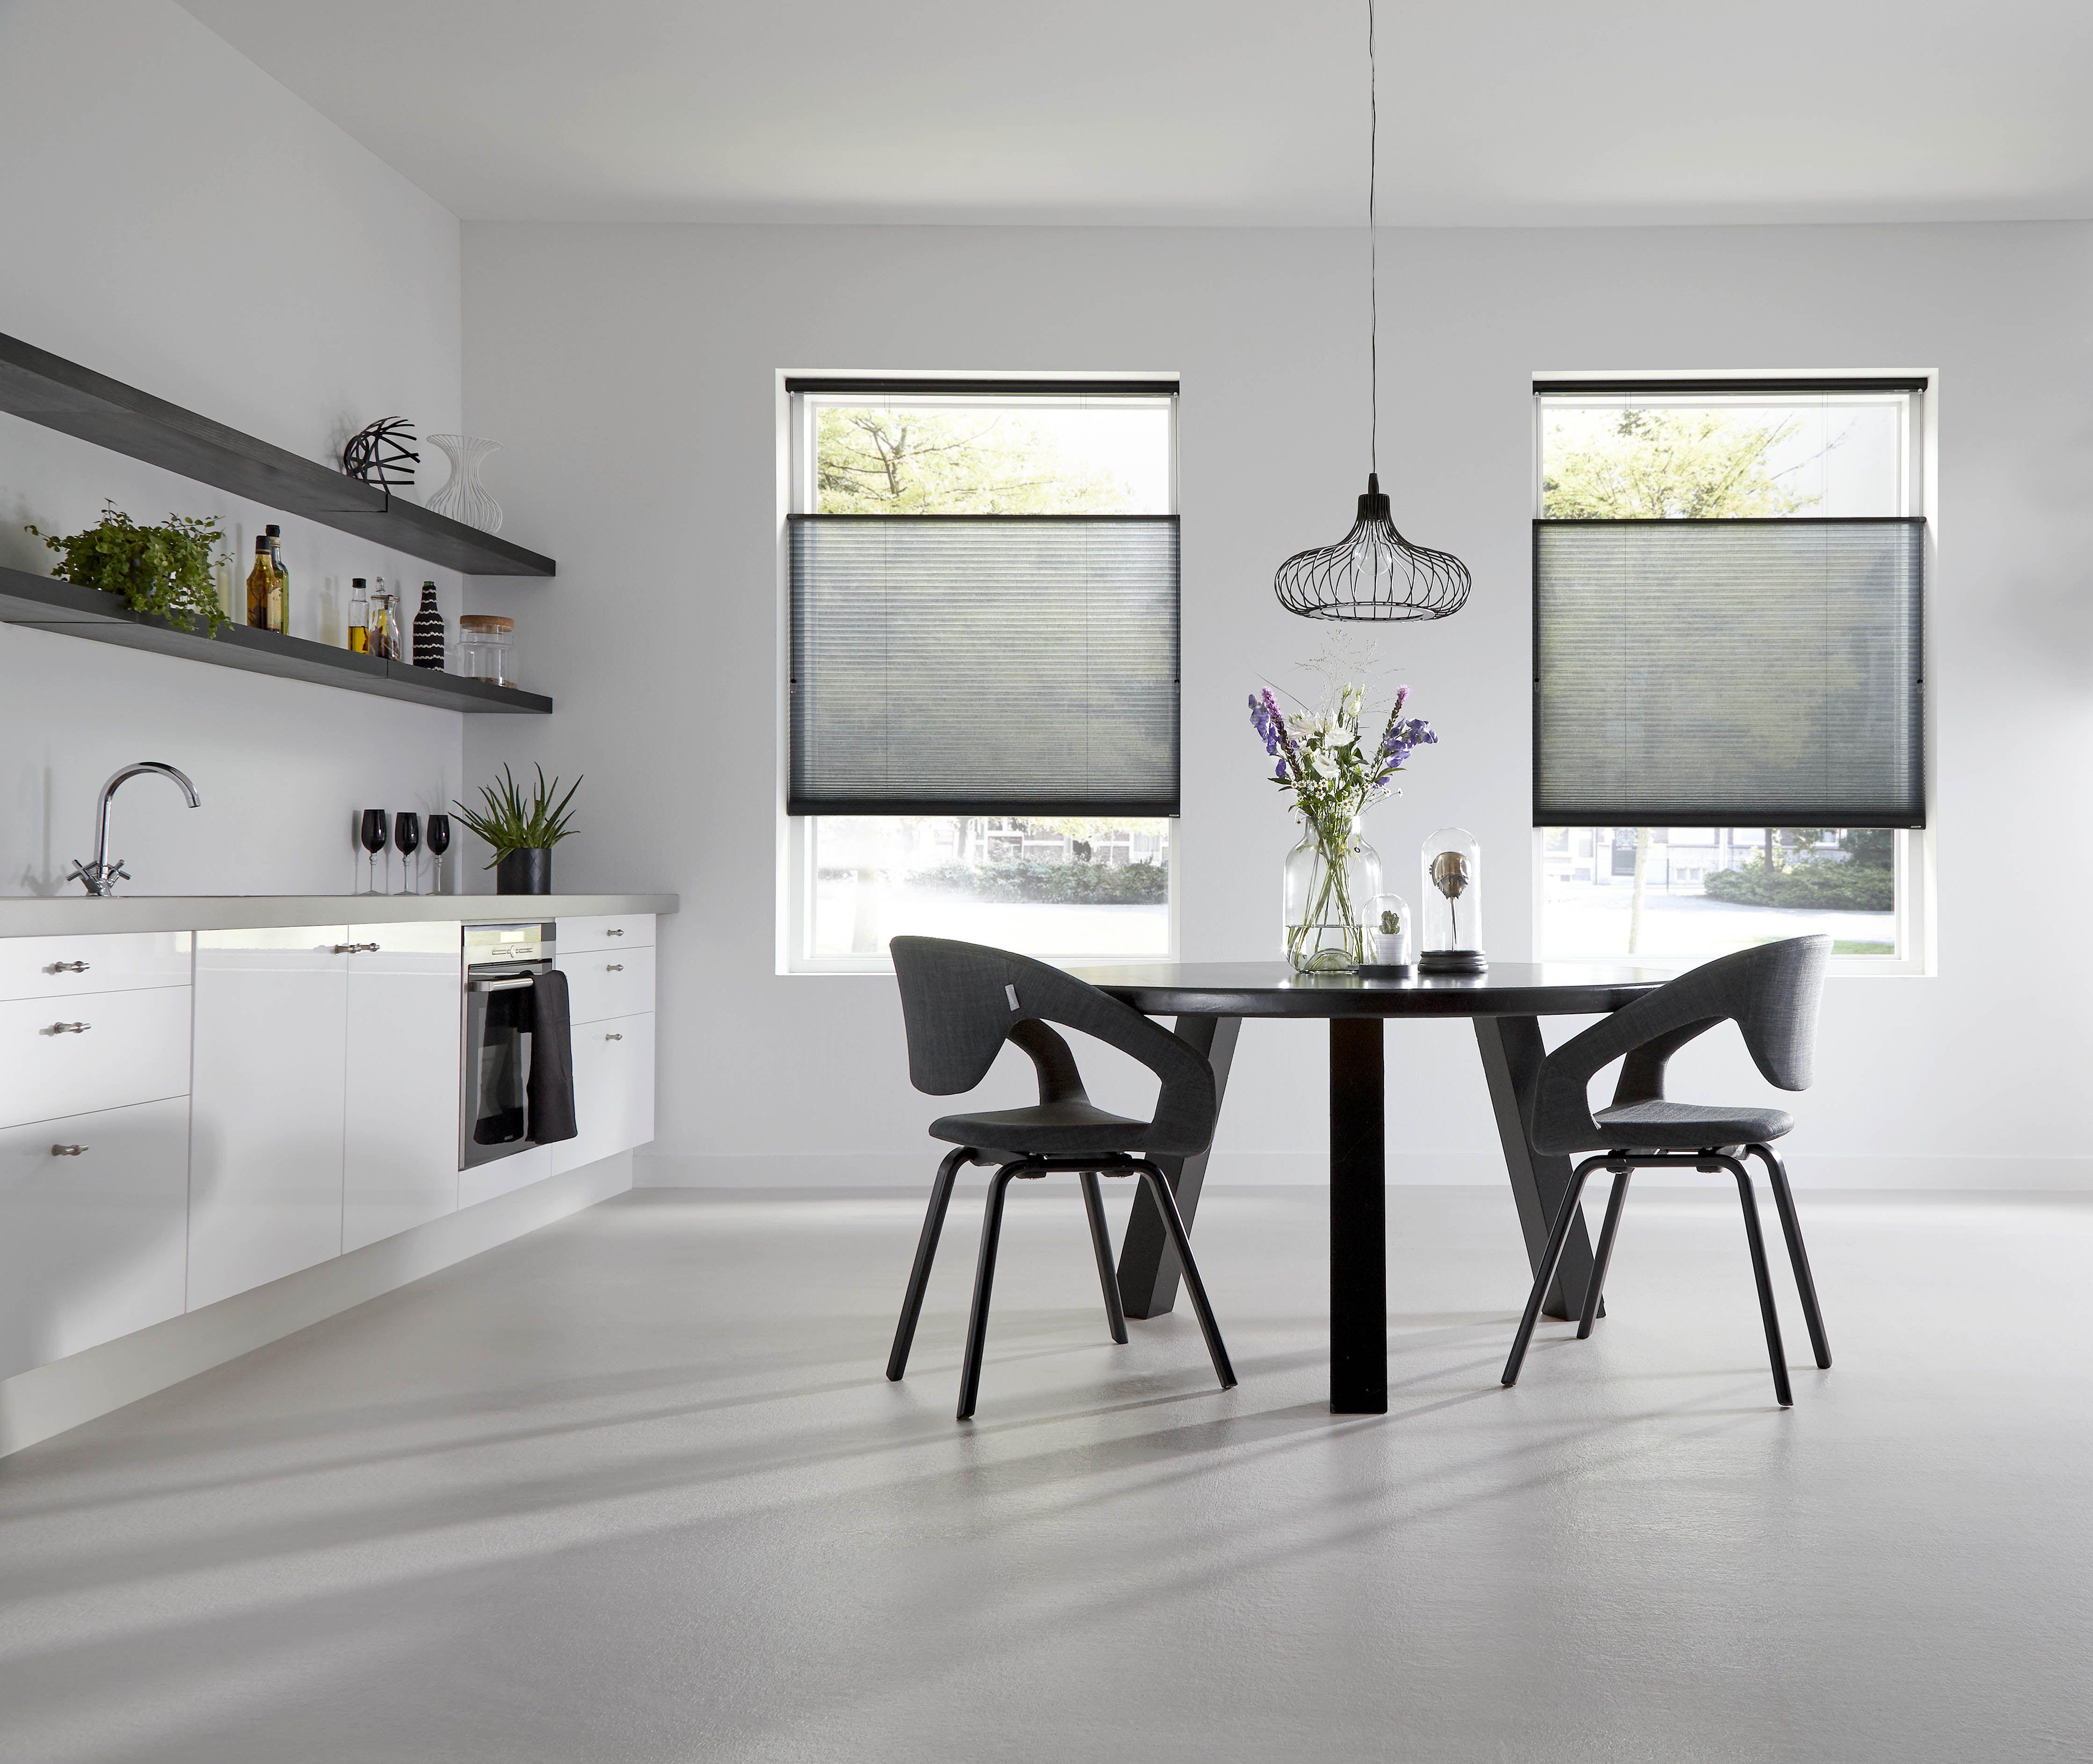 Pin van Art-Floor Katwijk op Duette & Plissé Shades | Pinterest ...